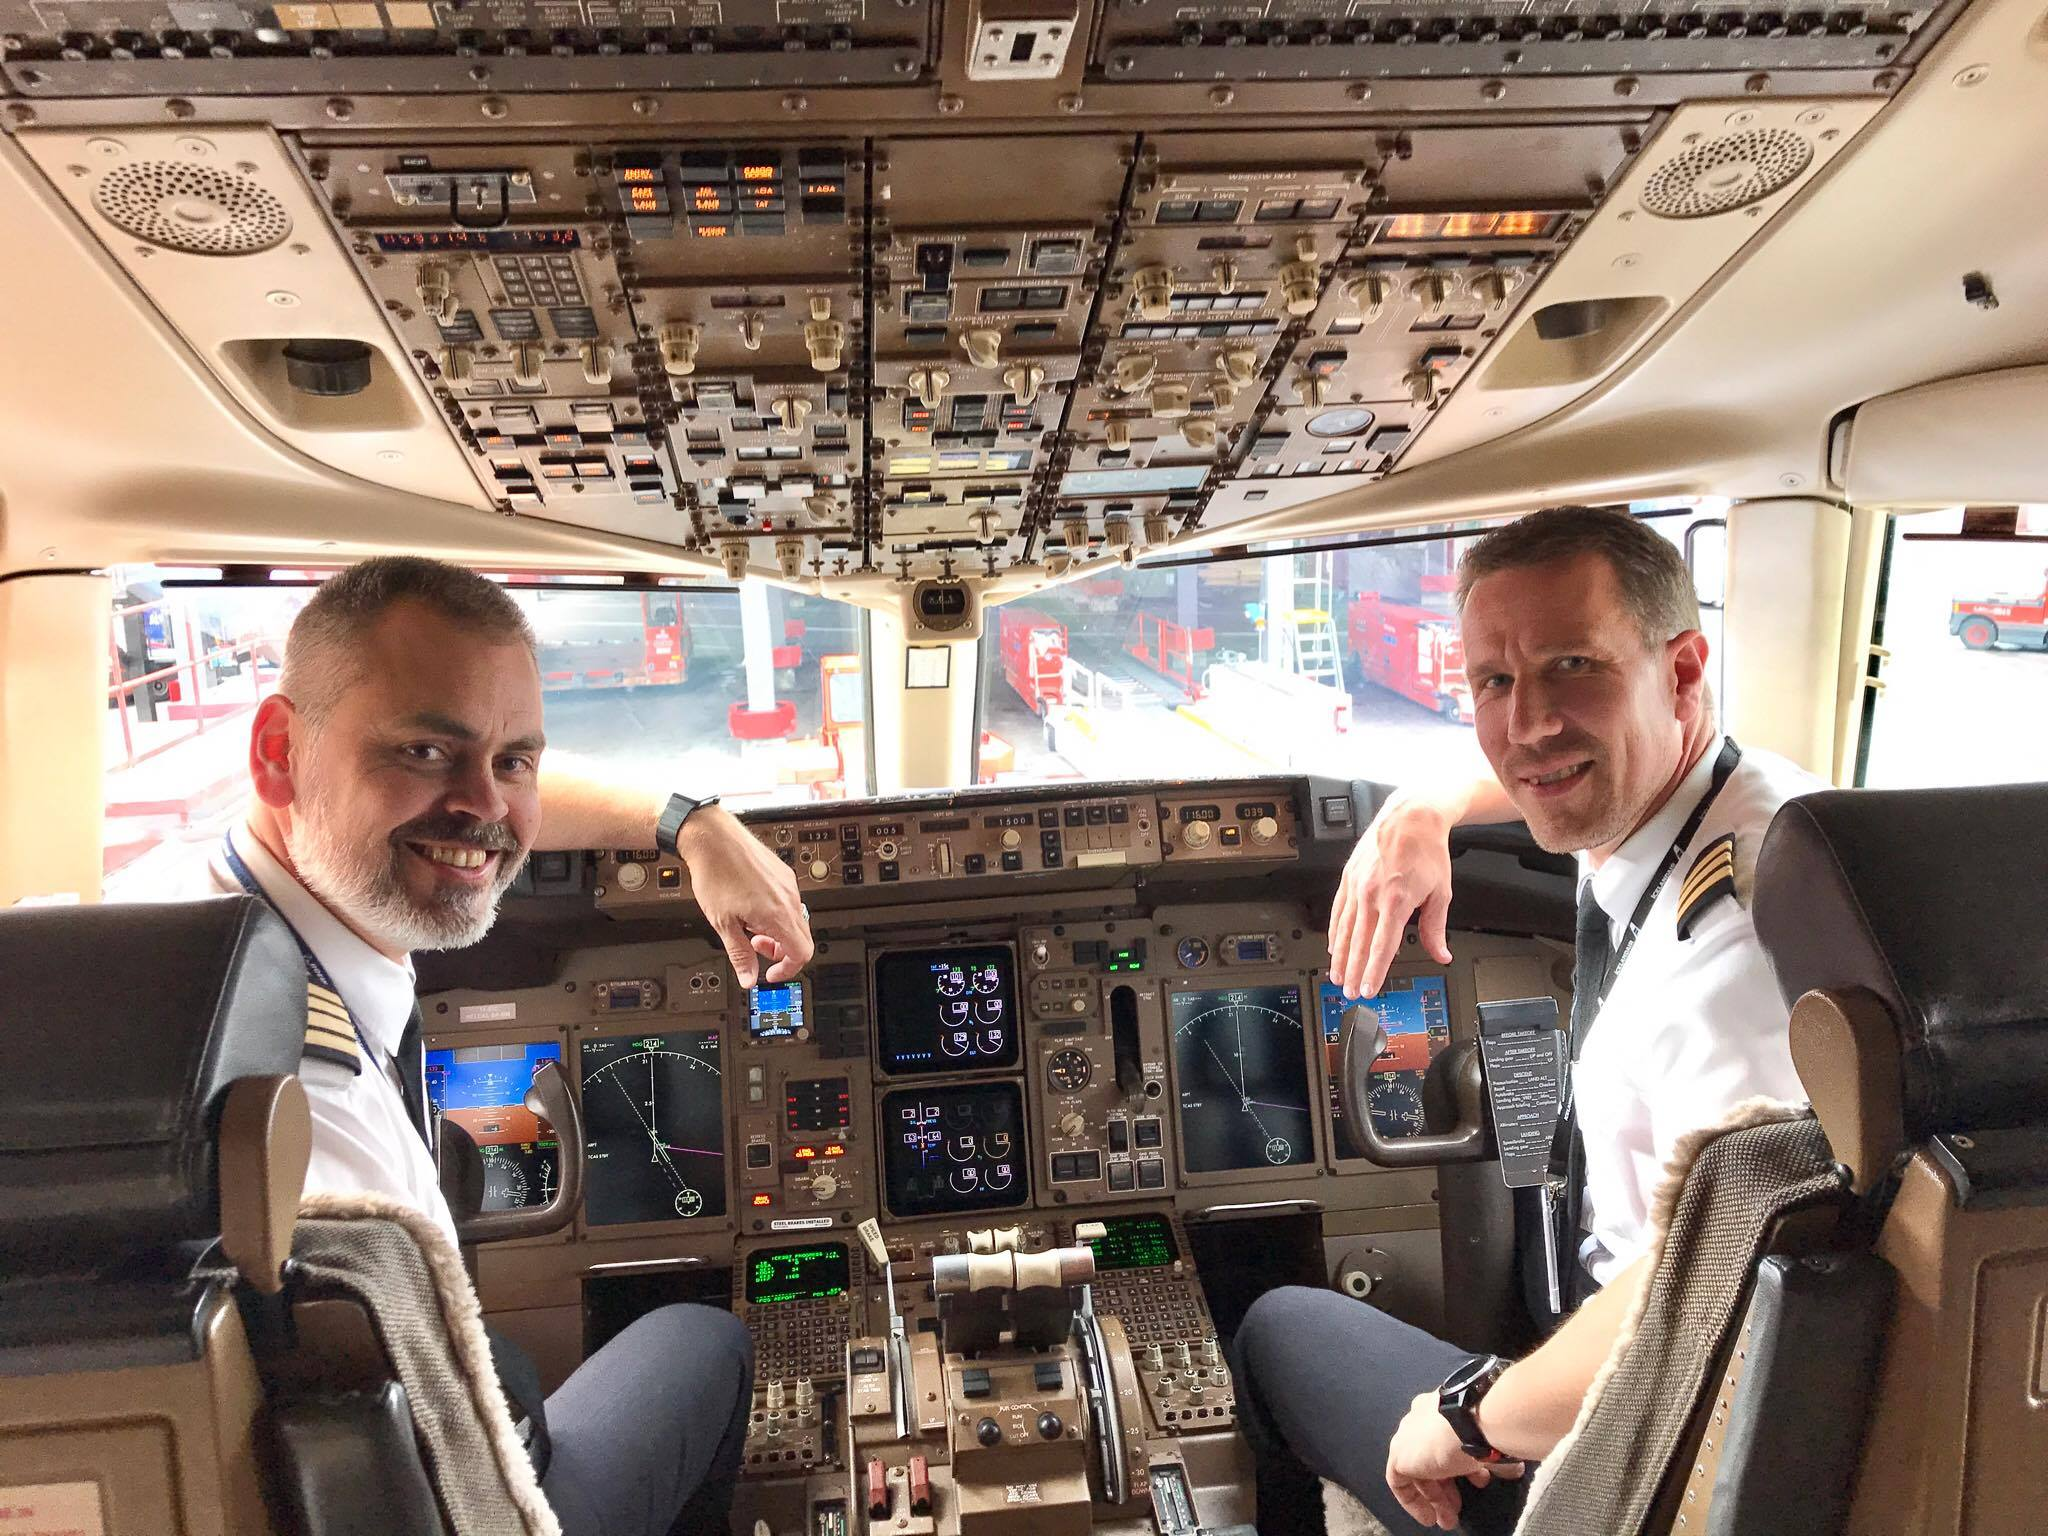 Matthías Arngrímsson og Matthías Sveinbjörnsson eru Geirfuglar í húð og hár og hafa um árabil starfað hjá Icelandair. Þá hafa þeir báðir lært og kennt hjá Geirfugli. Hér eru þeir nýlentir í Stokkhólmi á Boeing 757.